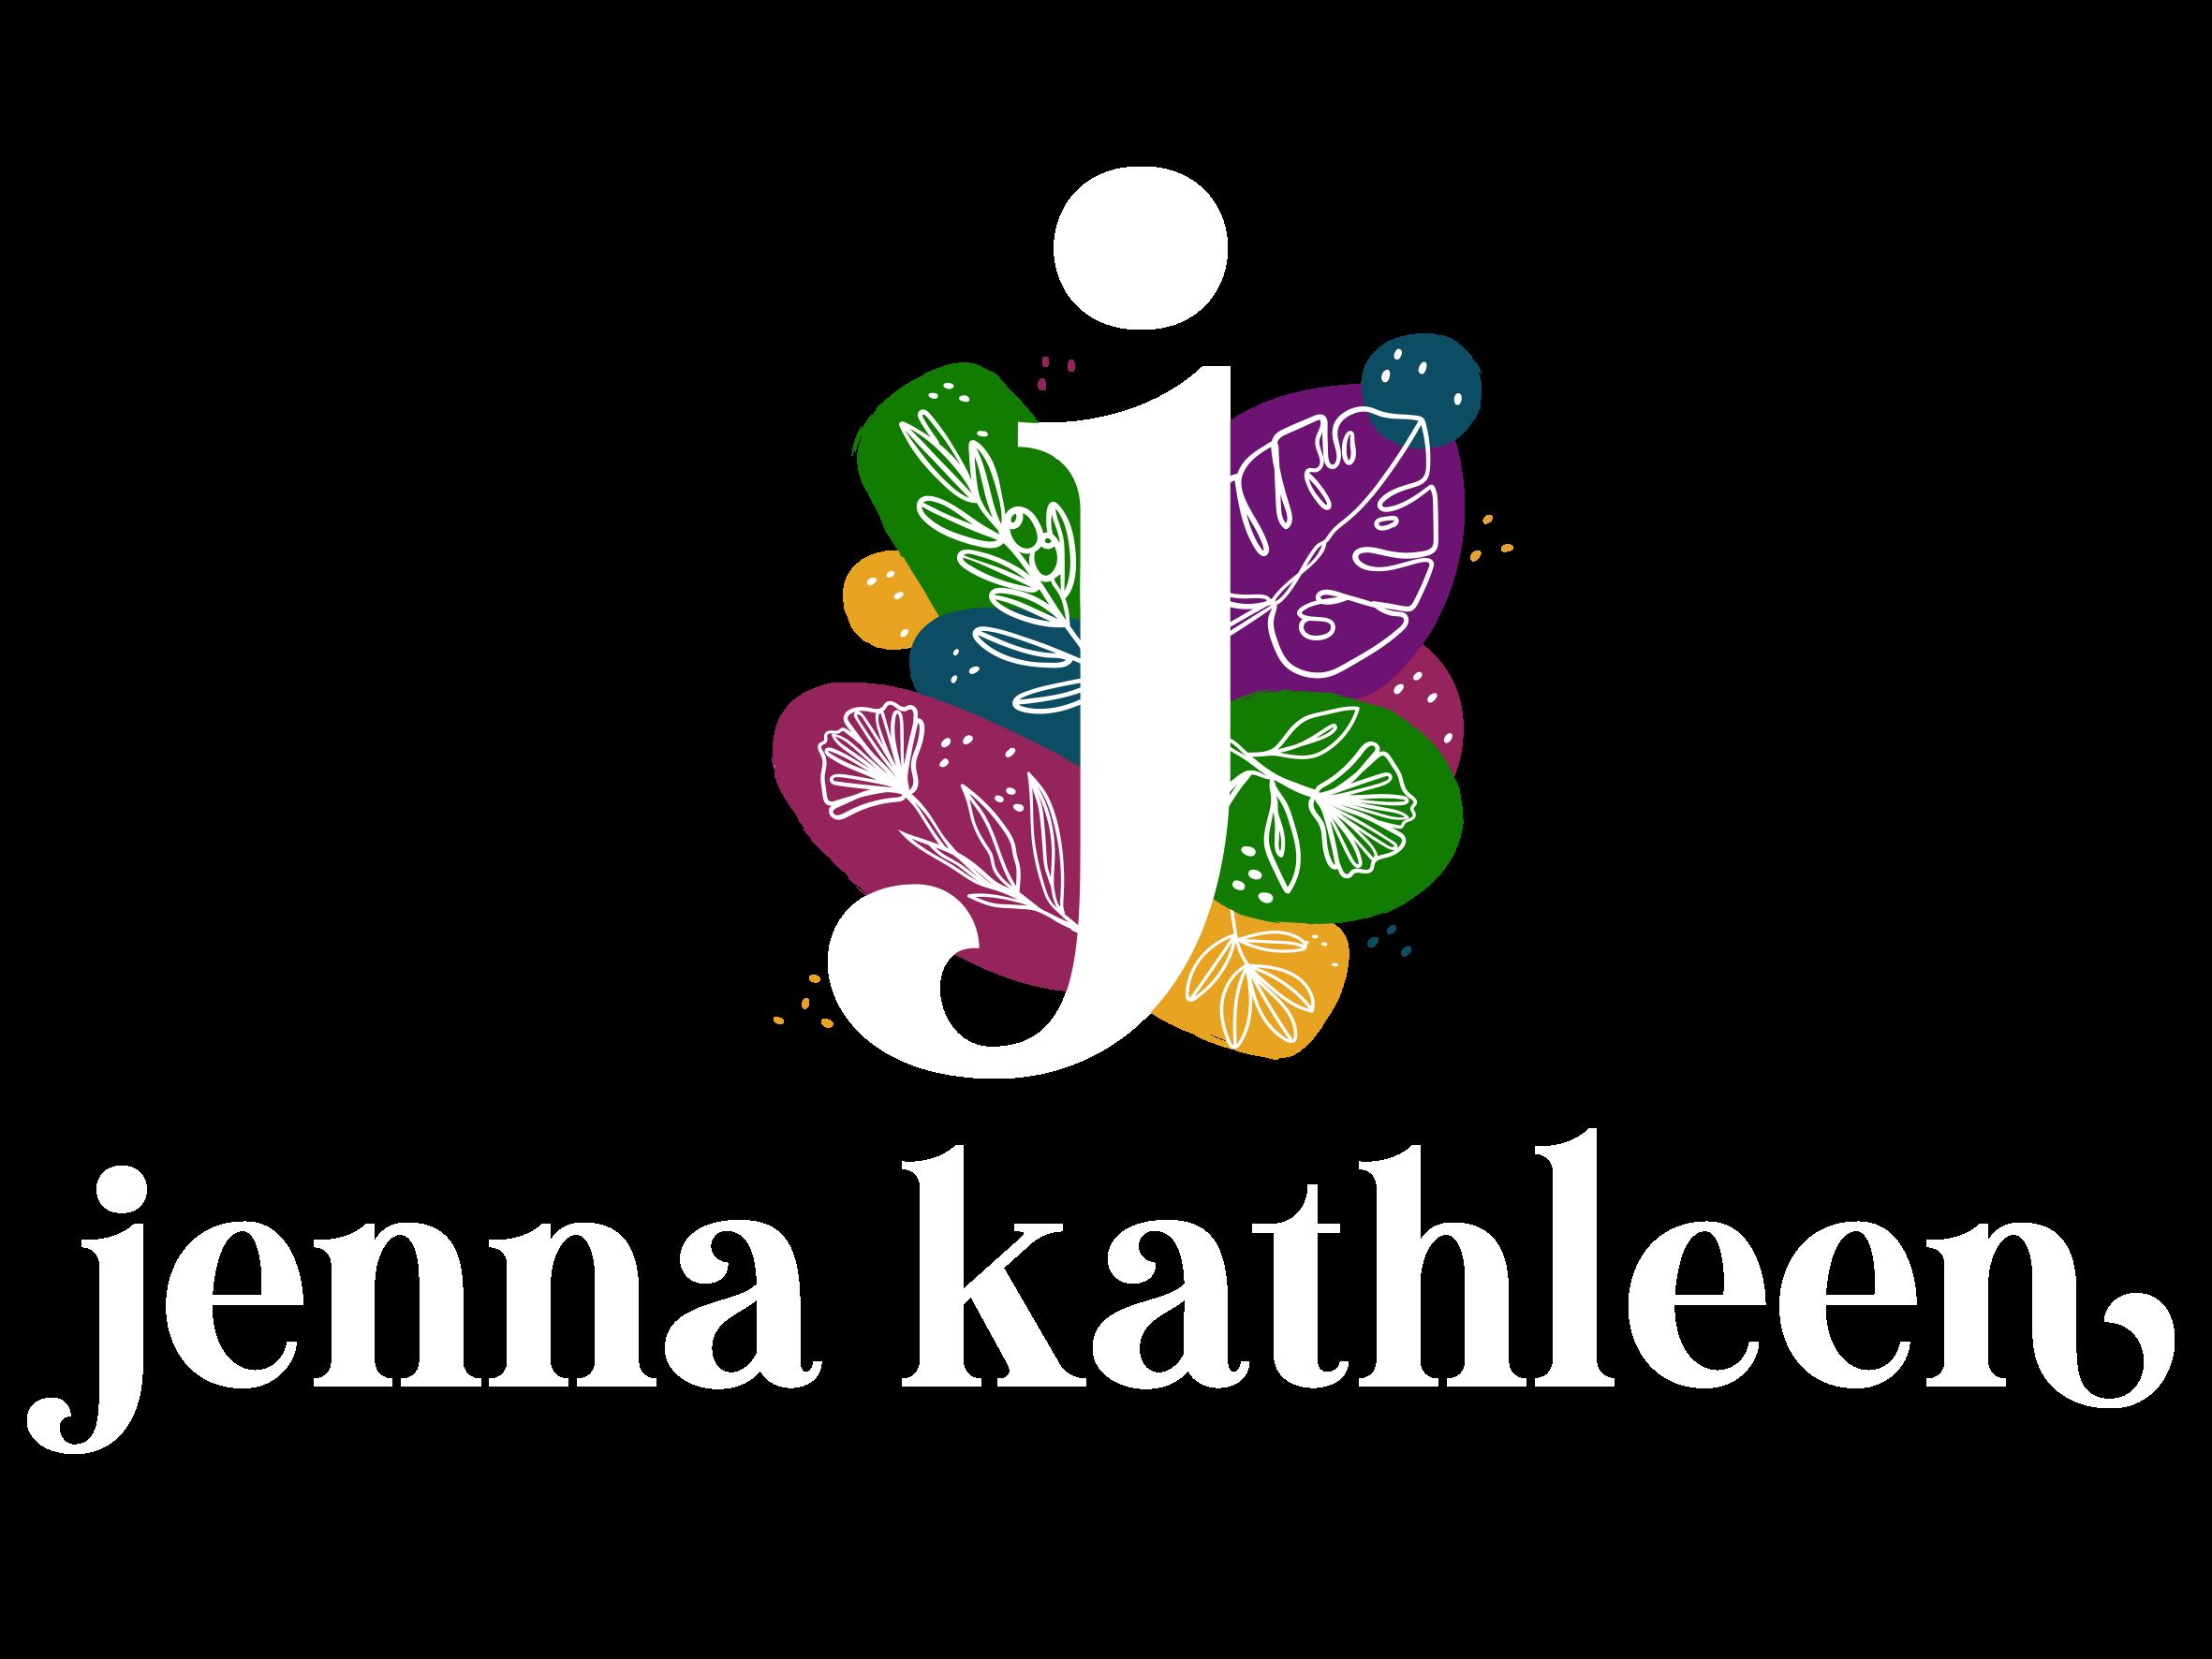 Jenna Kathleen